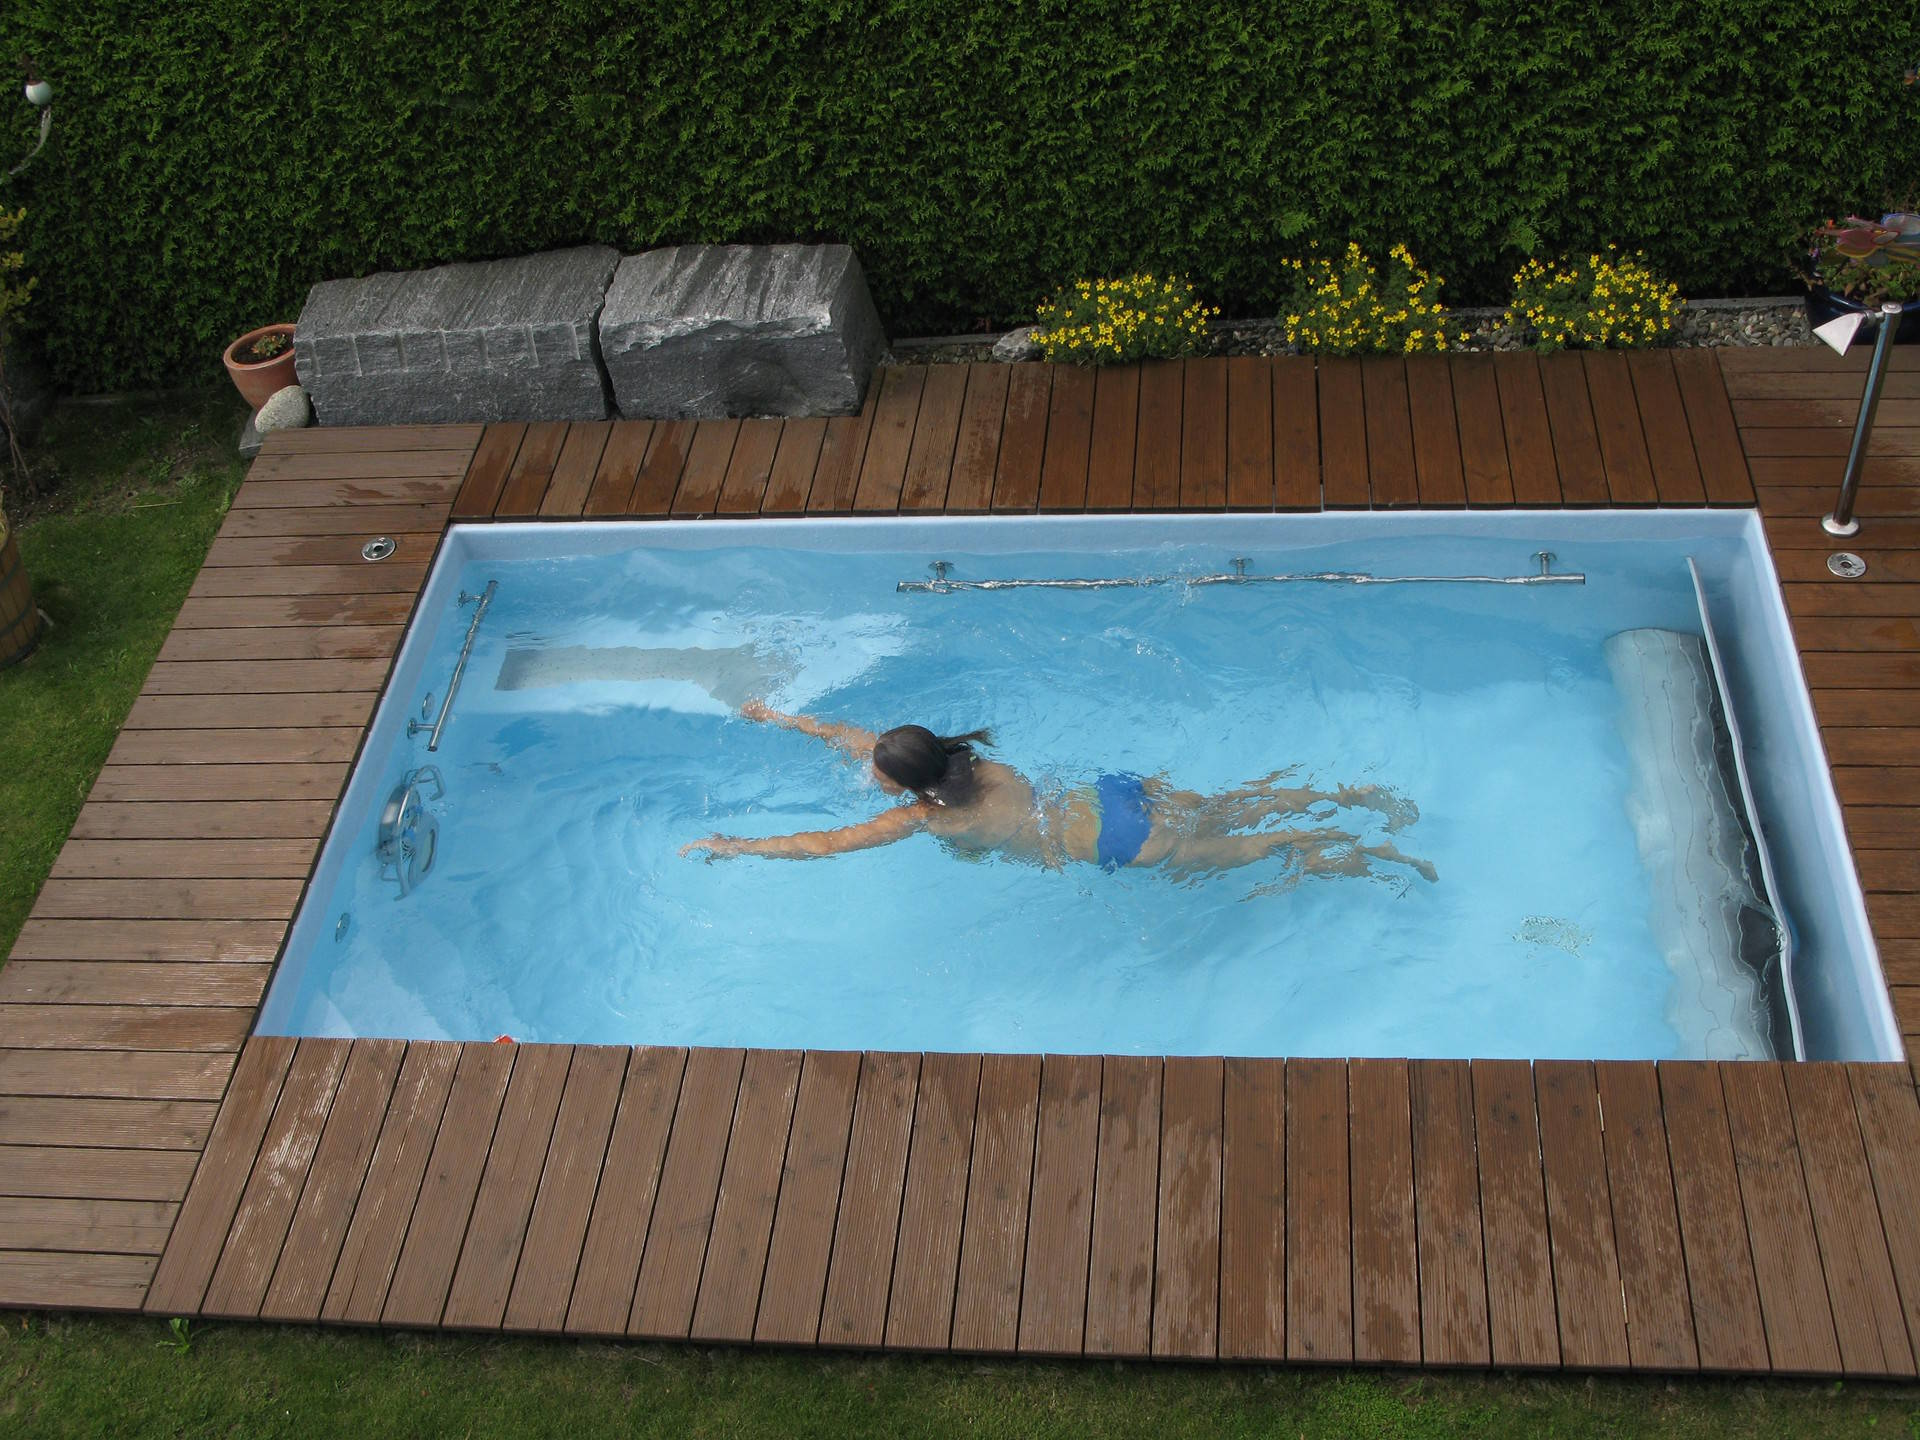 Full Size of Garten Pool Guenstig Kaufen Fertig Pools Aus Kunststoff Ibatec Ag Schlafzimmer Komplett Lounge Möbel Holzhaus Skulpturen Loungemöbel Fenster Günstig Garten Garten Pool Guenstig Kaufen